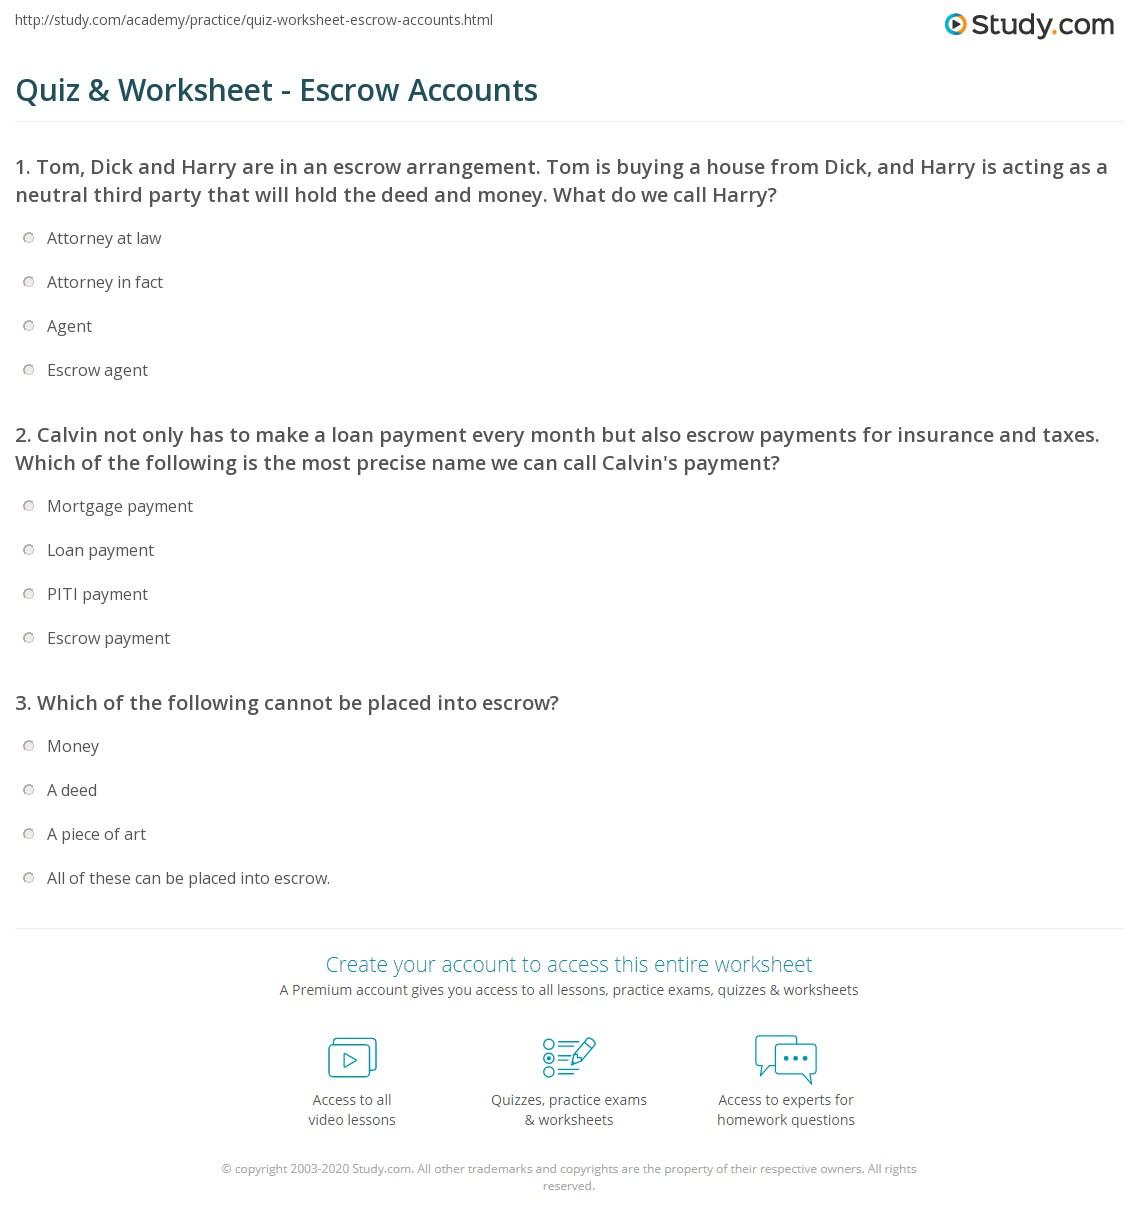 quiz & worksheet - escrow accounts | study